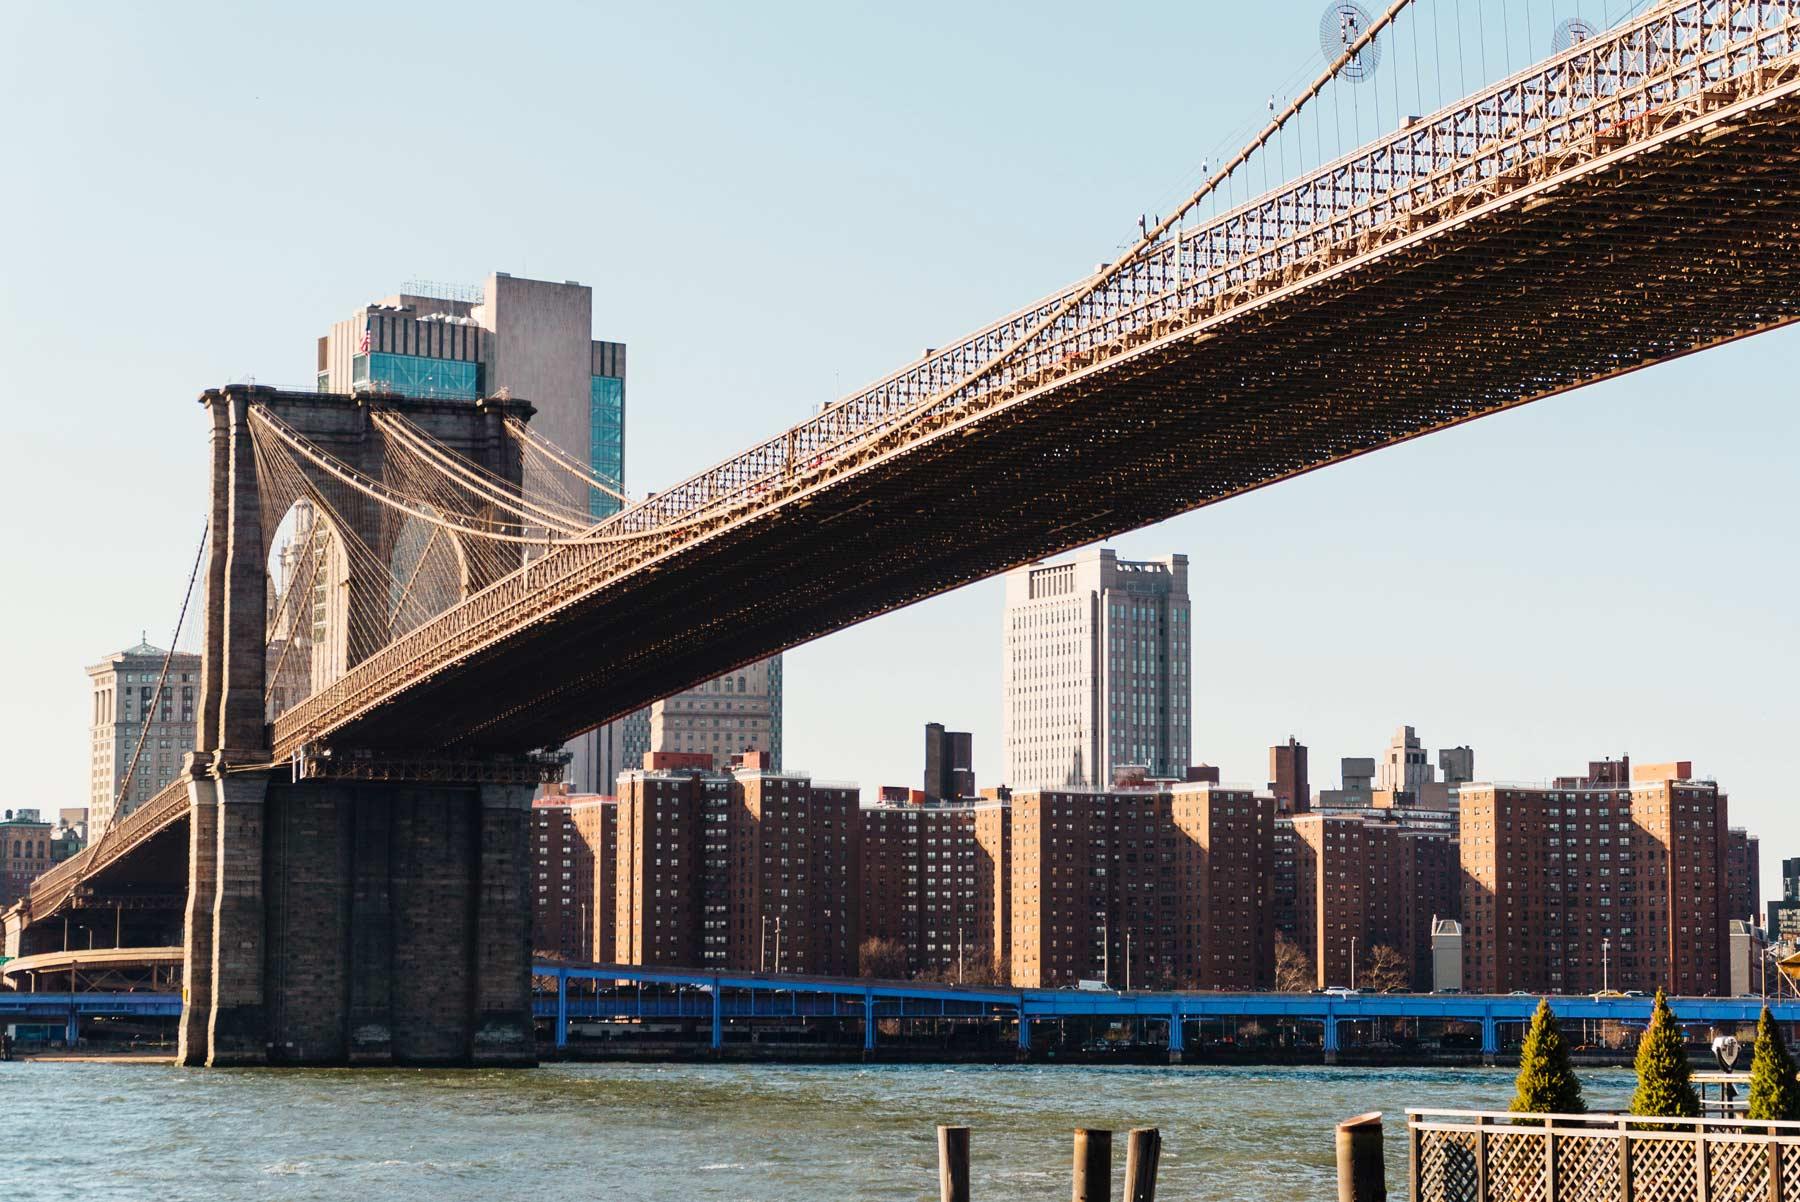 Символ нью-йорка — бруклинский мост